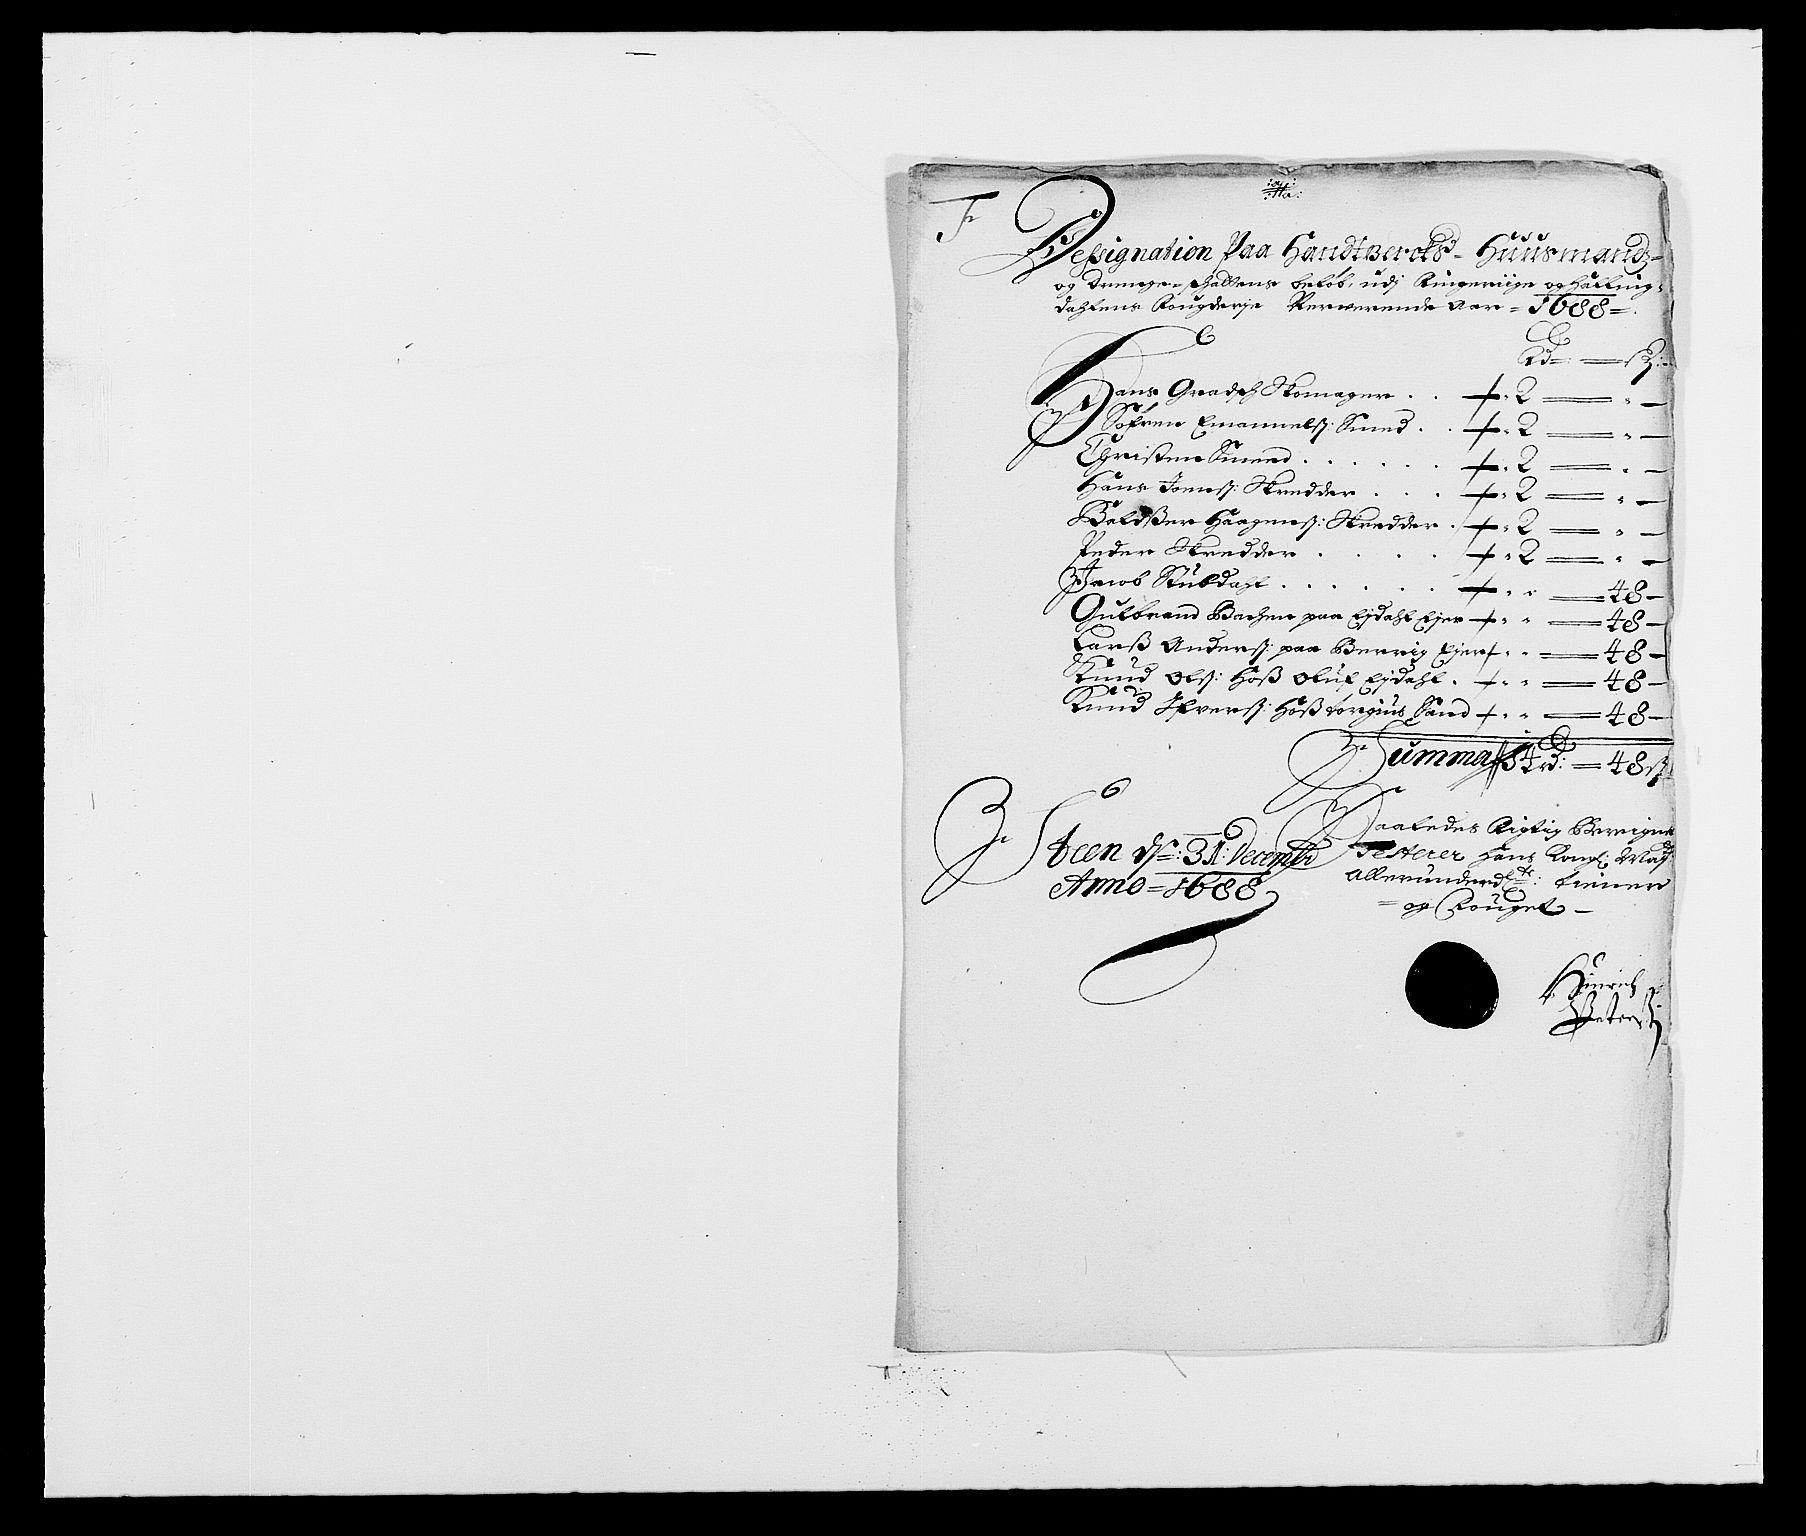 RA, Rentekammeret inntil 1814, Reviderte regnskaper, Fogderegnskap, R21/L1447: Fogderegnskap Ringerike og Hallingdal, 1687-1689, s. 177